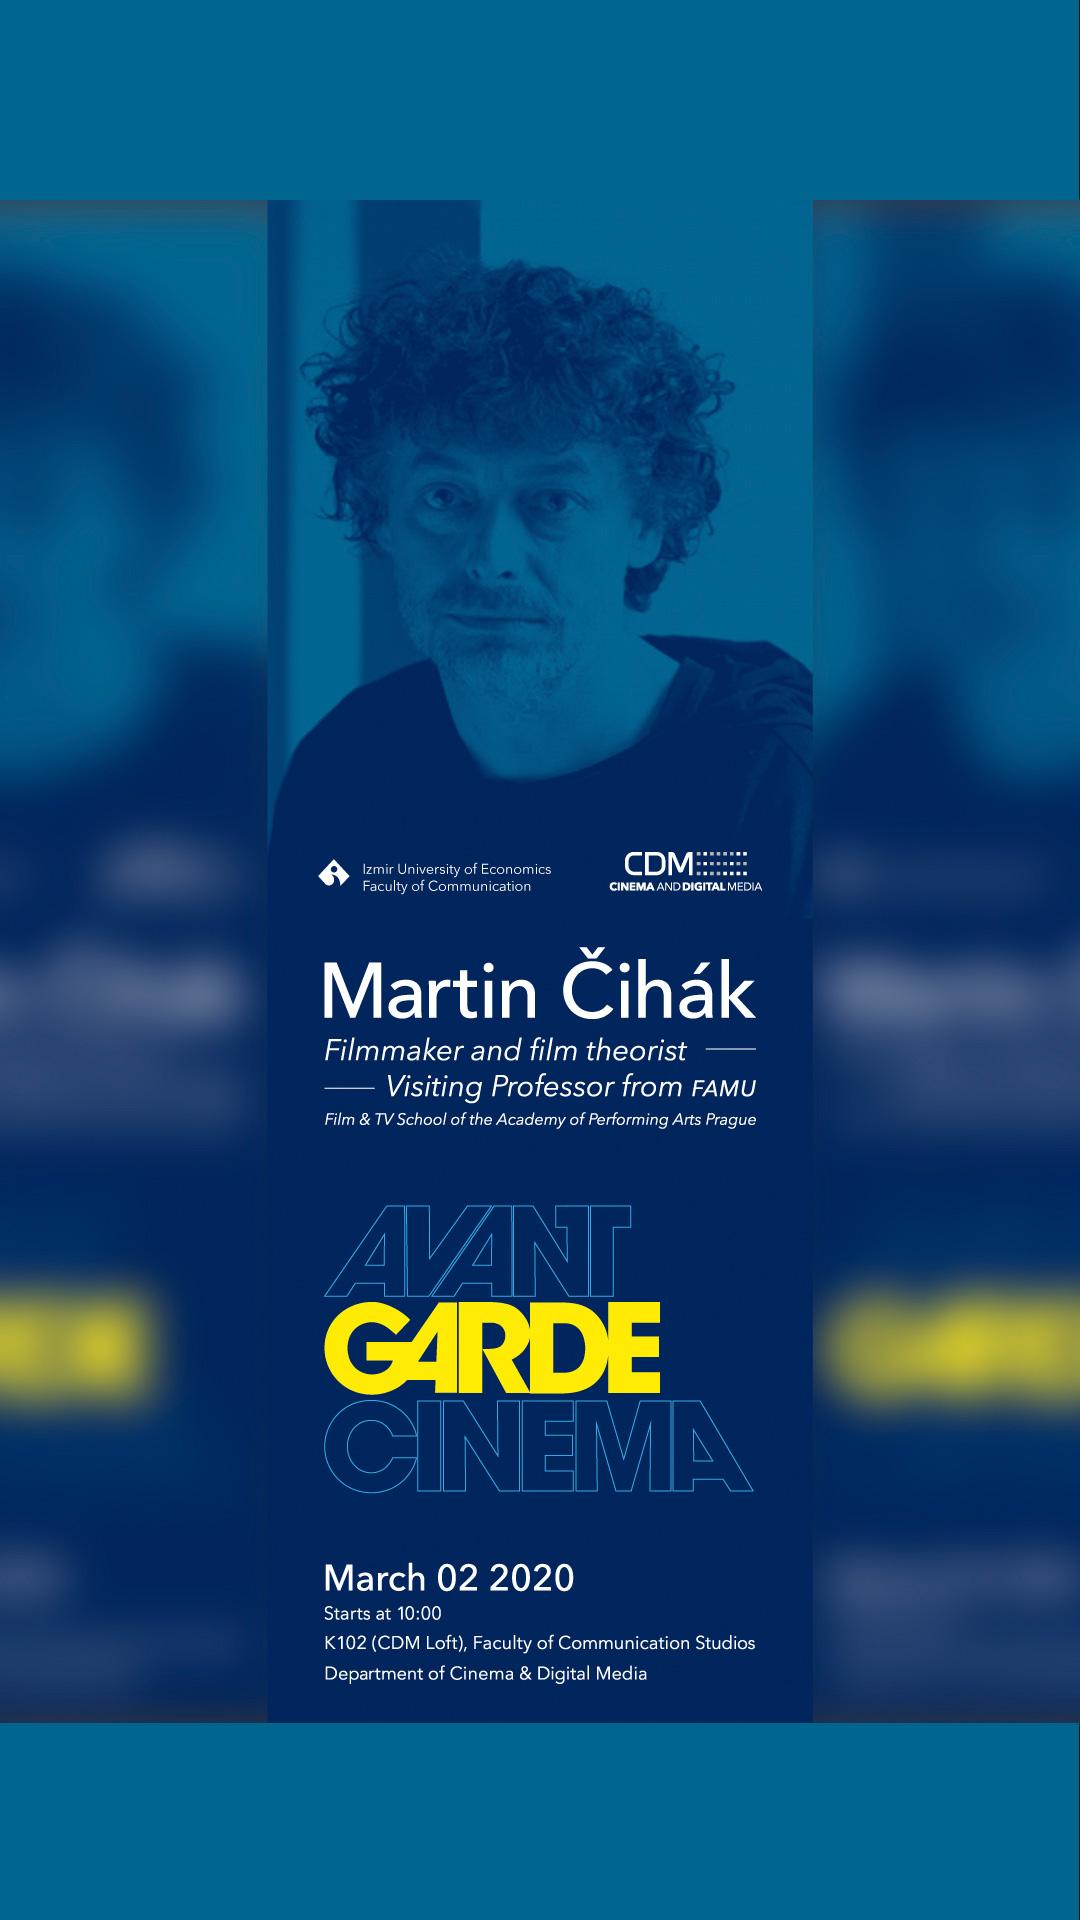 Martin Cihak